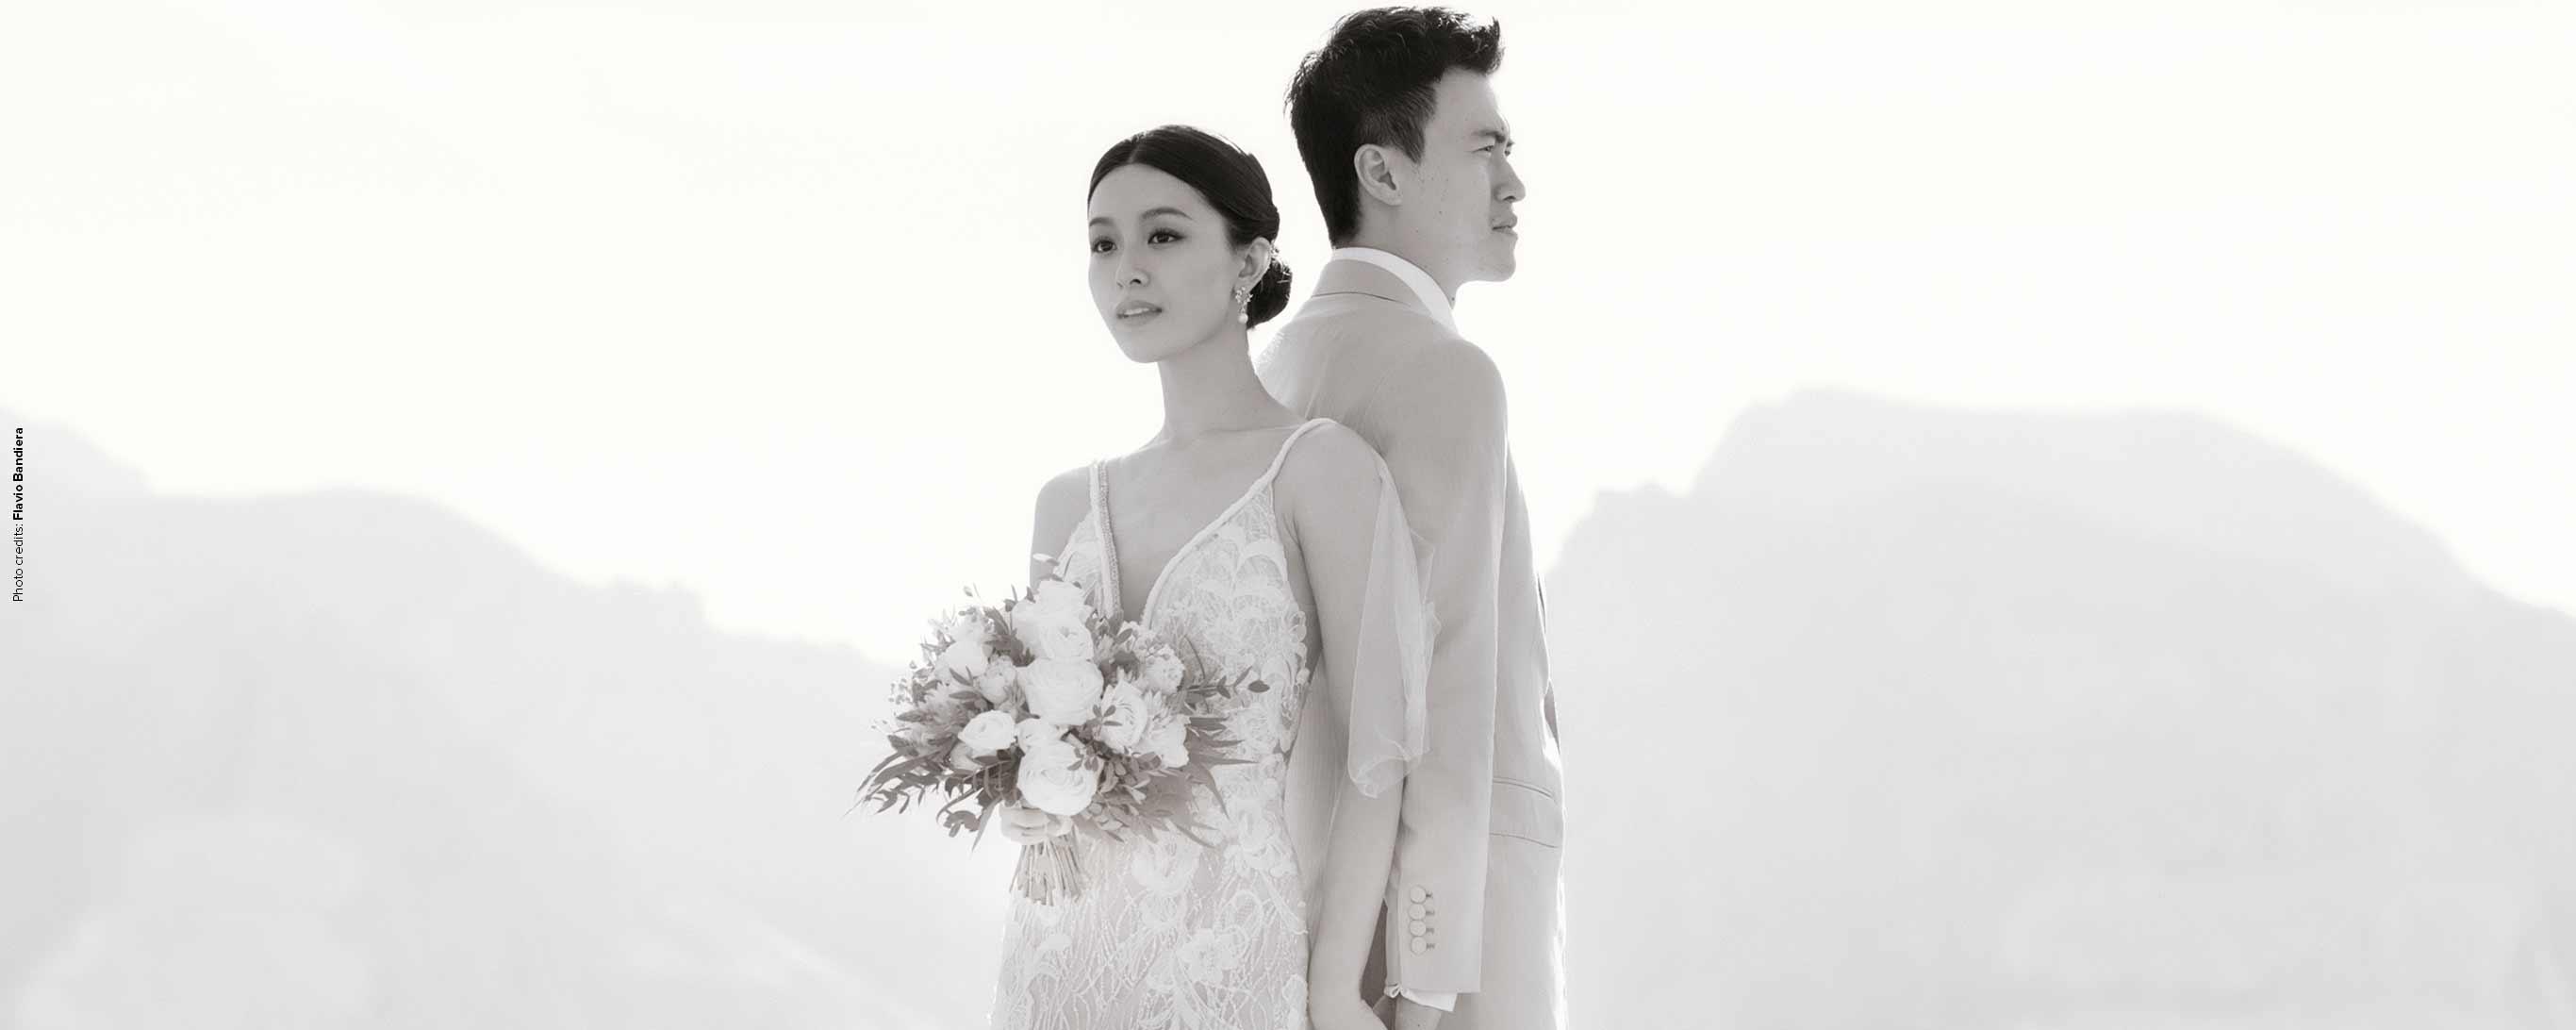 Matrimoni_01